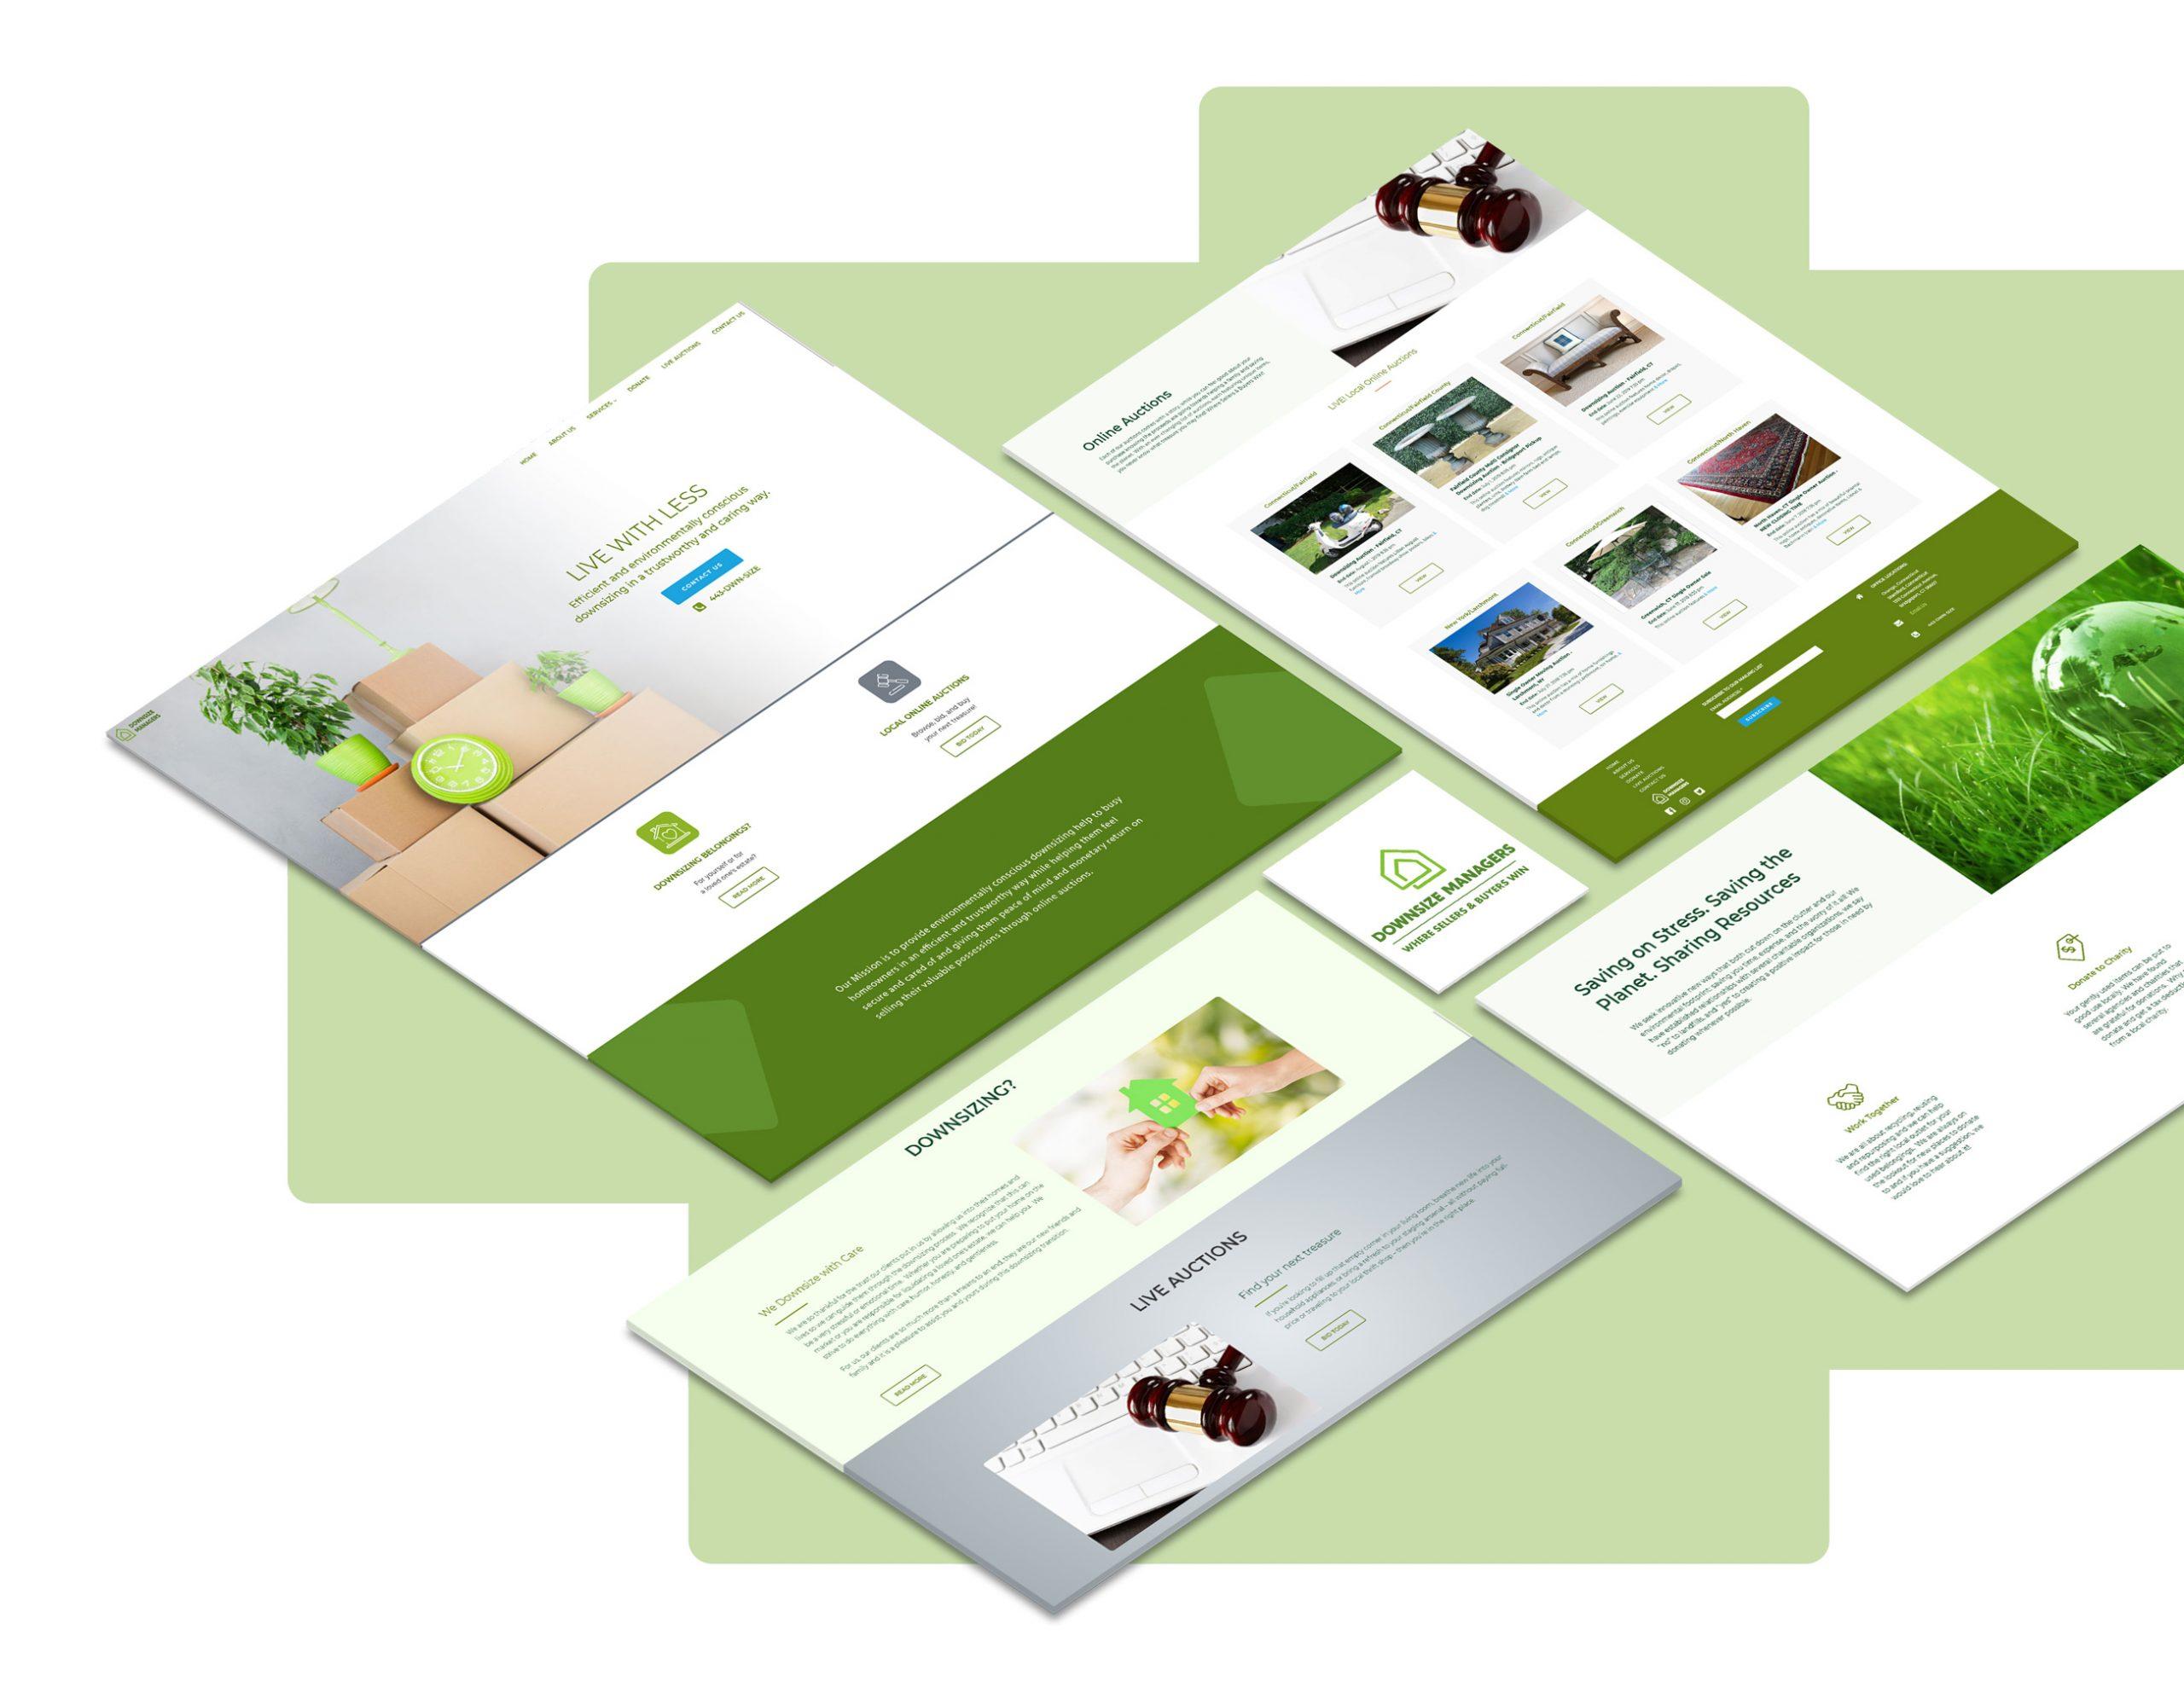 envisioner studio web Ui design